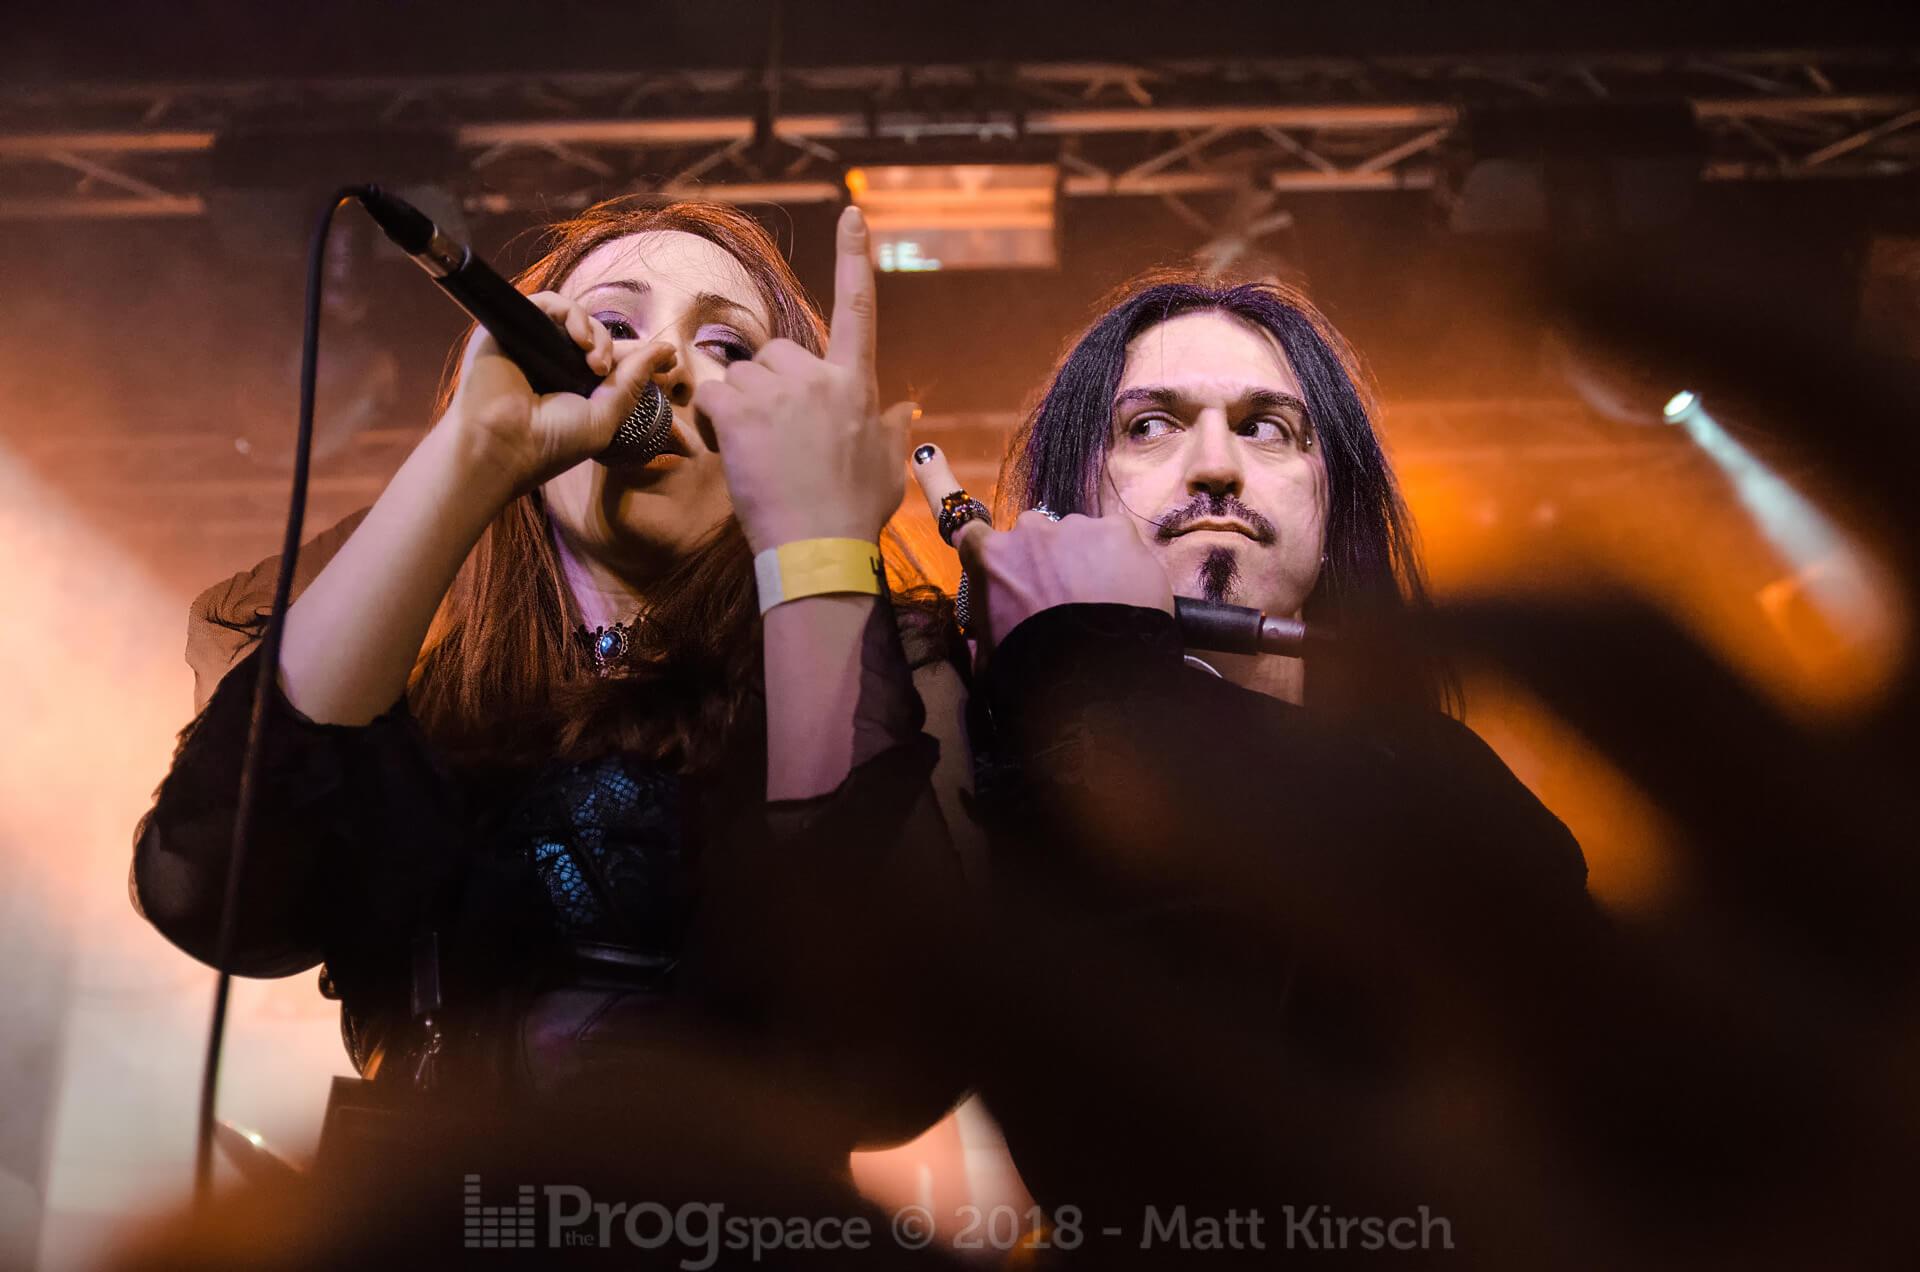 Aevum live in Arnhem, 24 February 2018